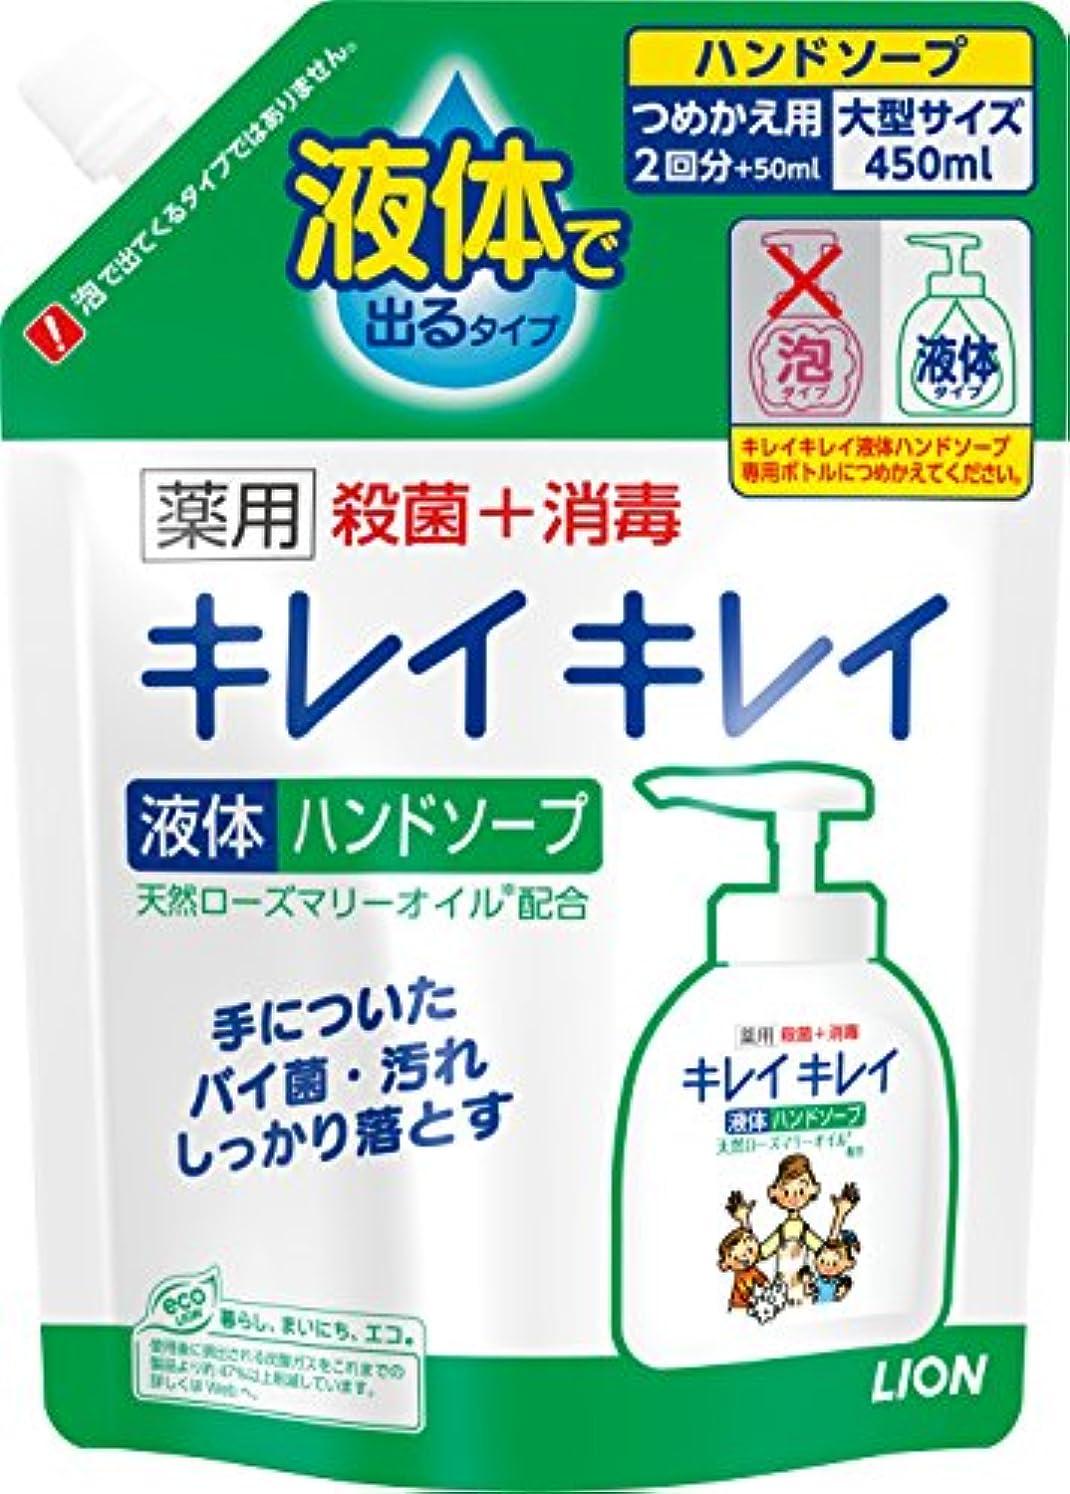 作業不適進捗キレイキレイ 薬用 液体ハンドソープ 詰め替え 450ml(医薬部外品)